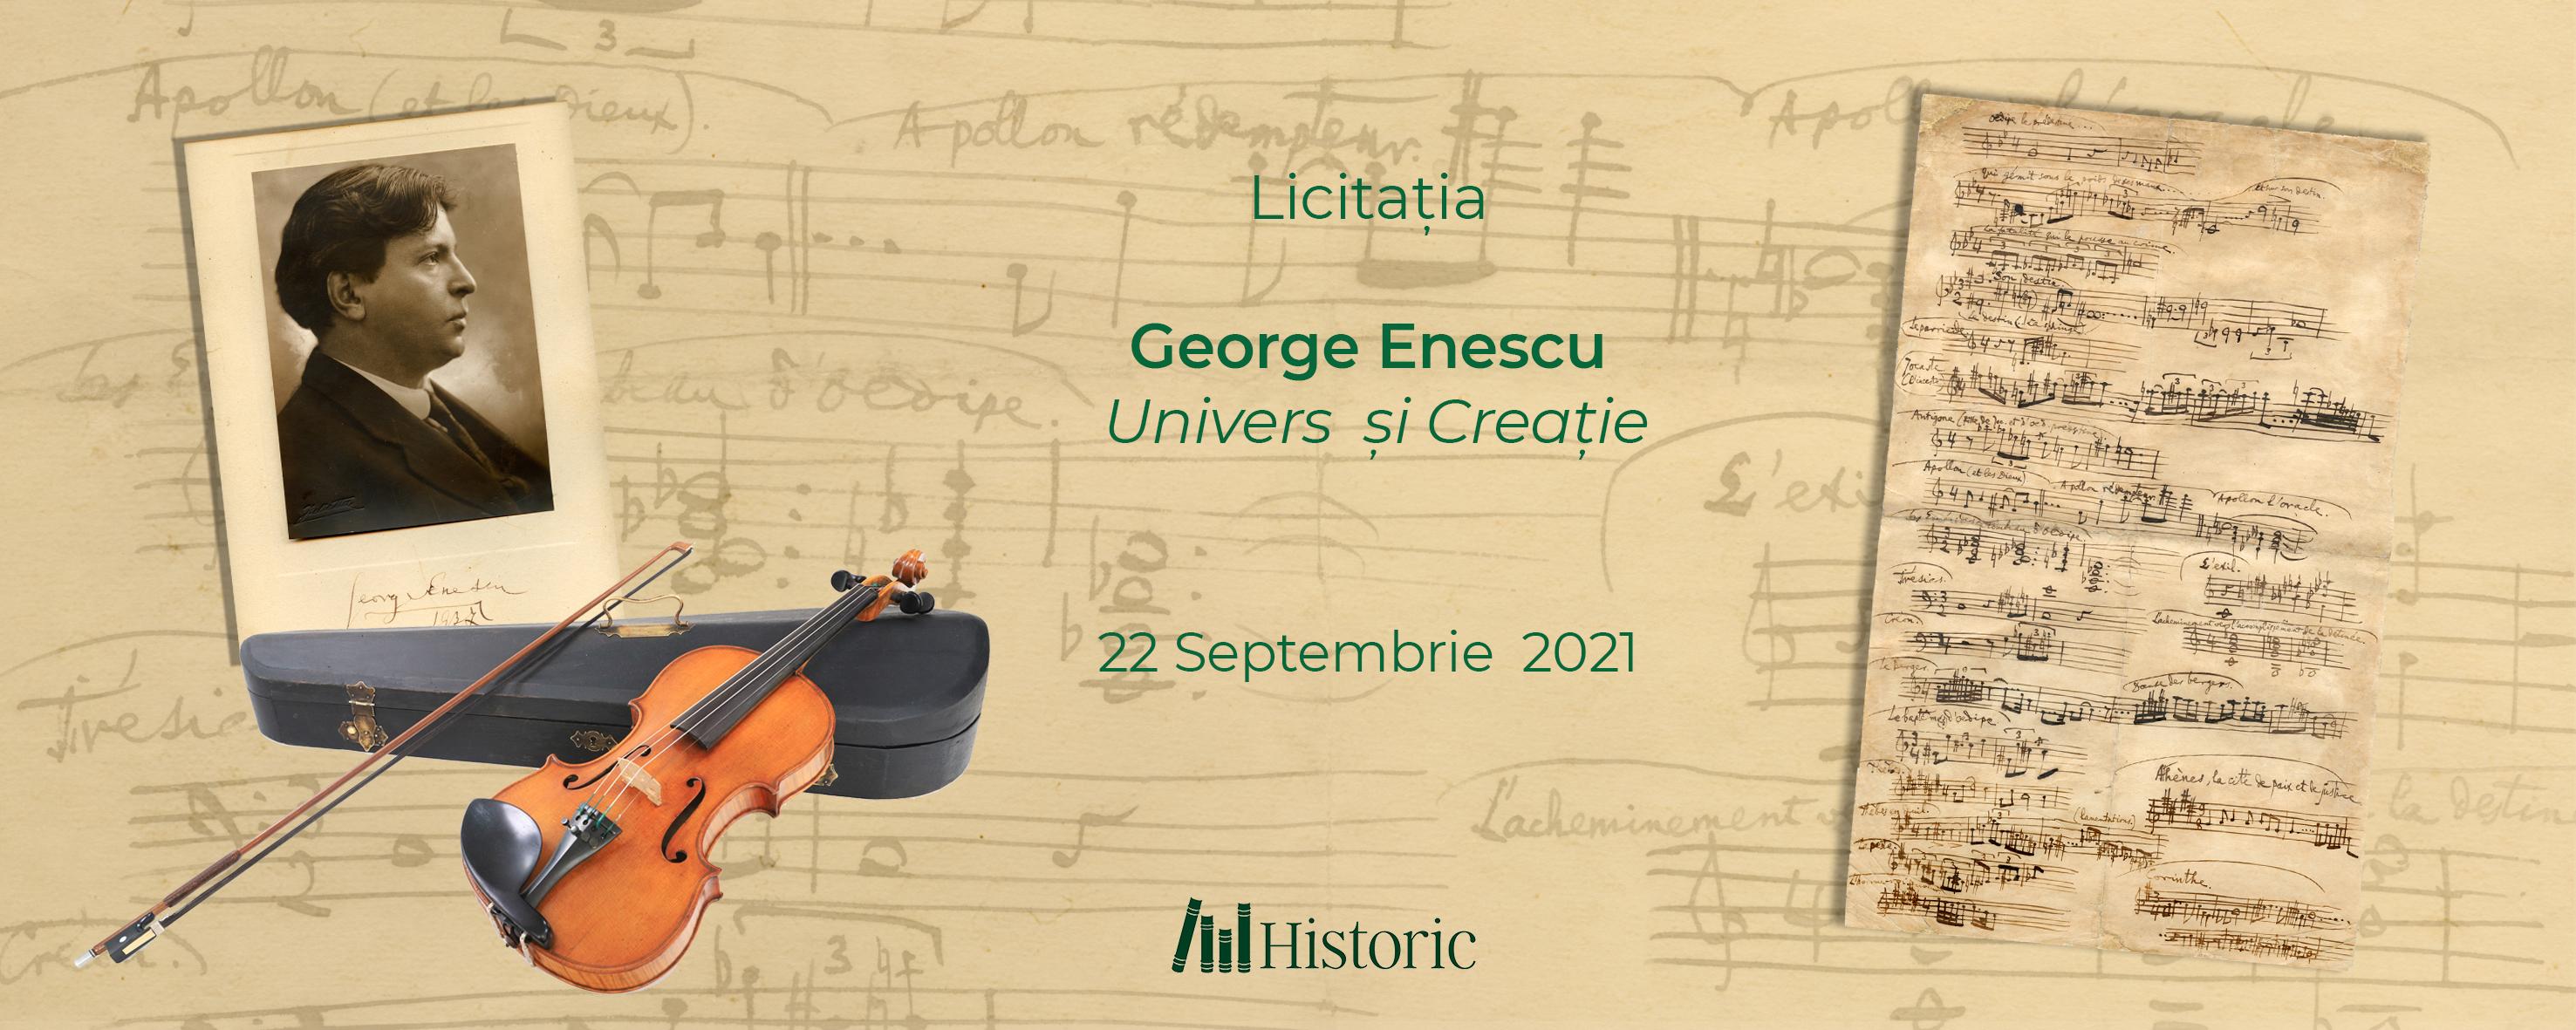 Licitația George Enescu - Univers si Creatie